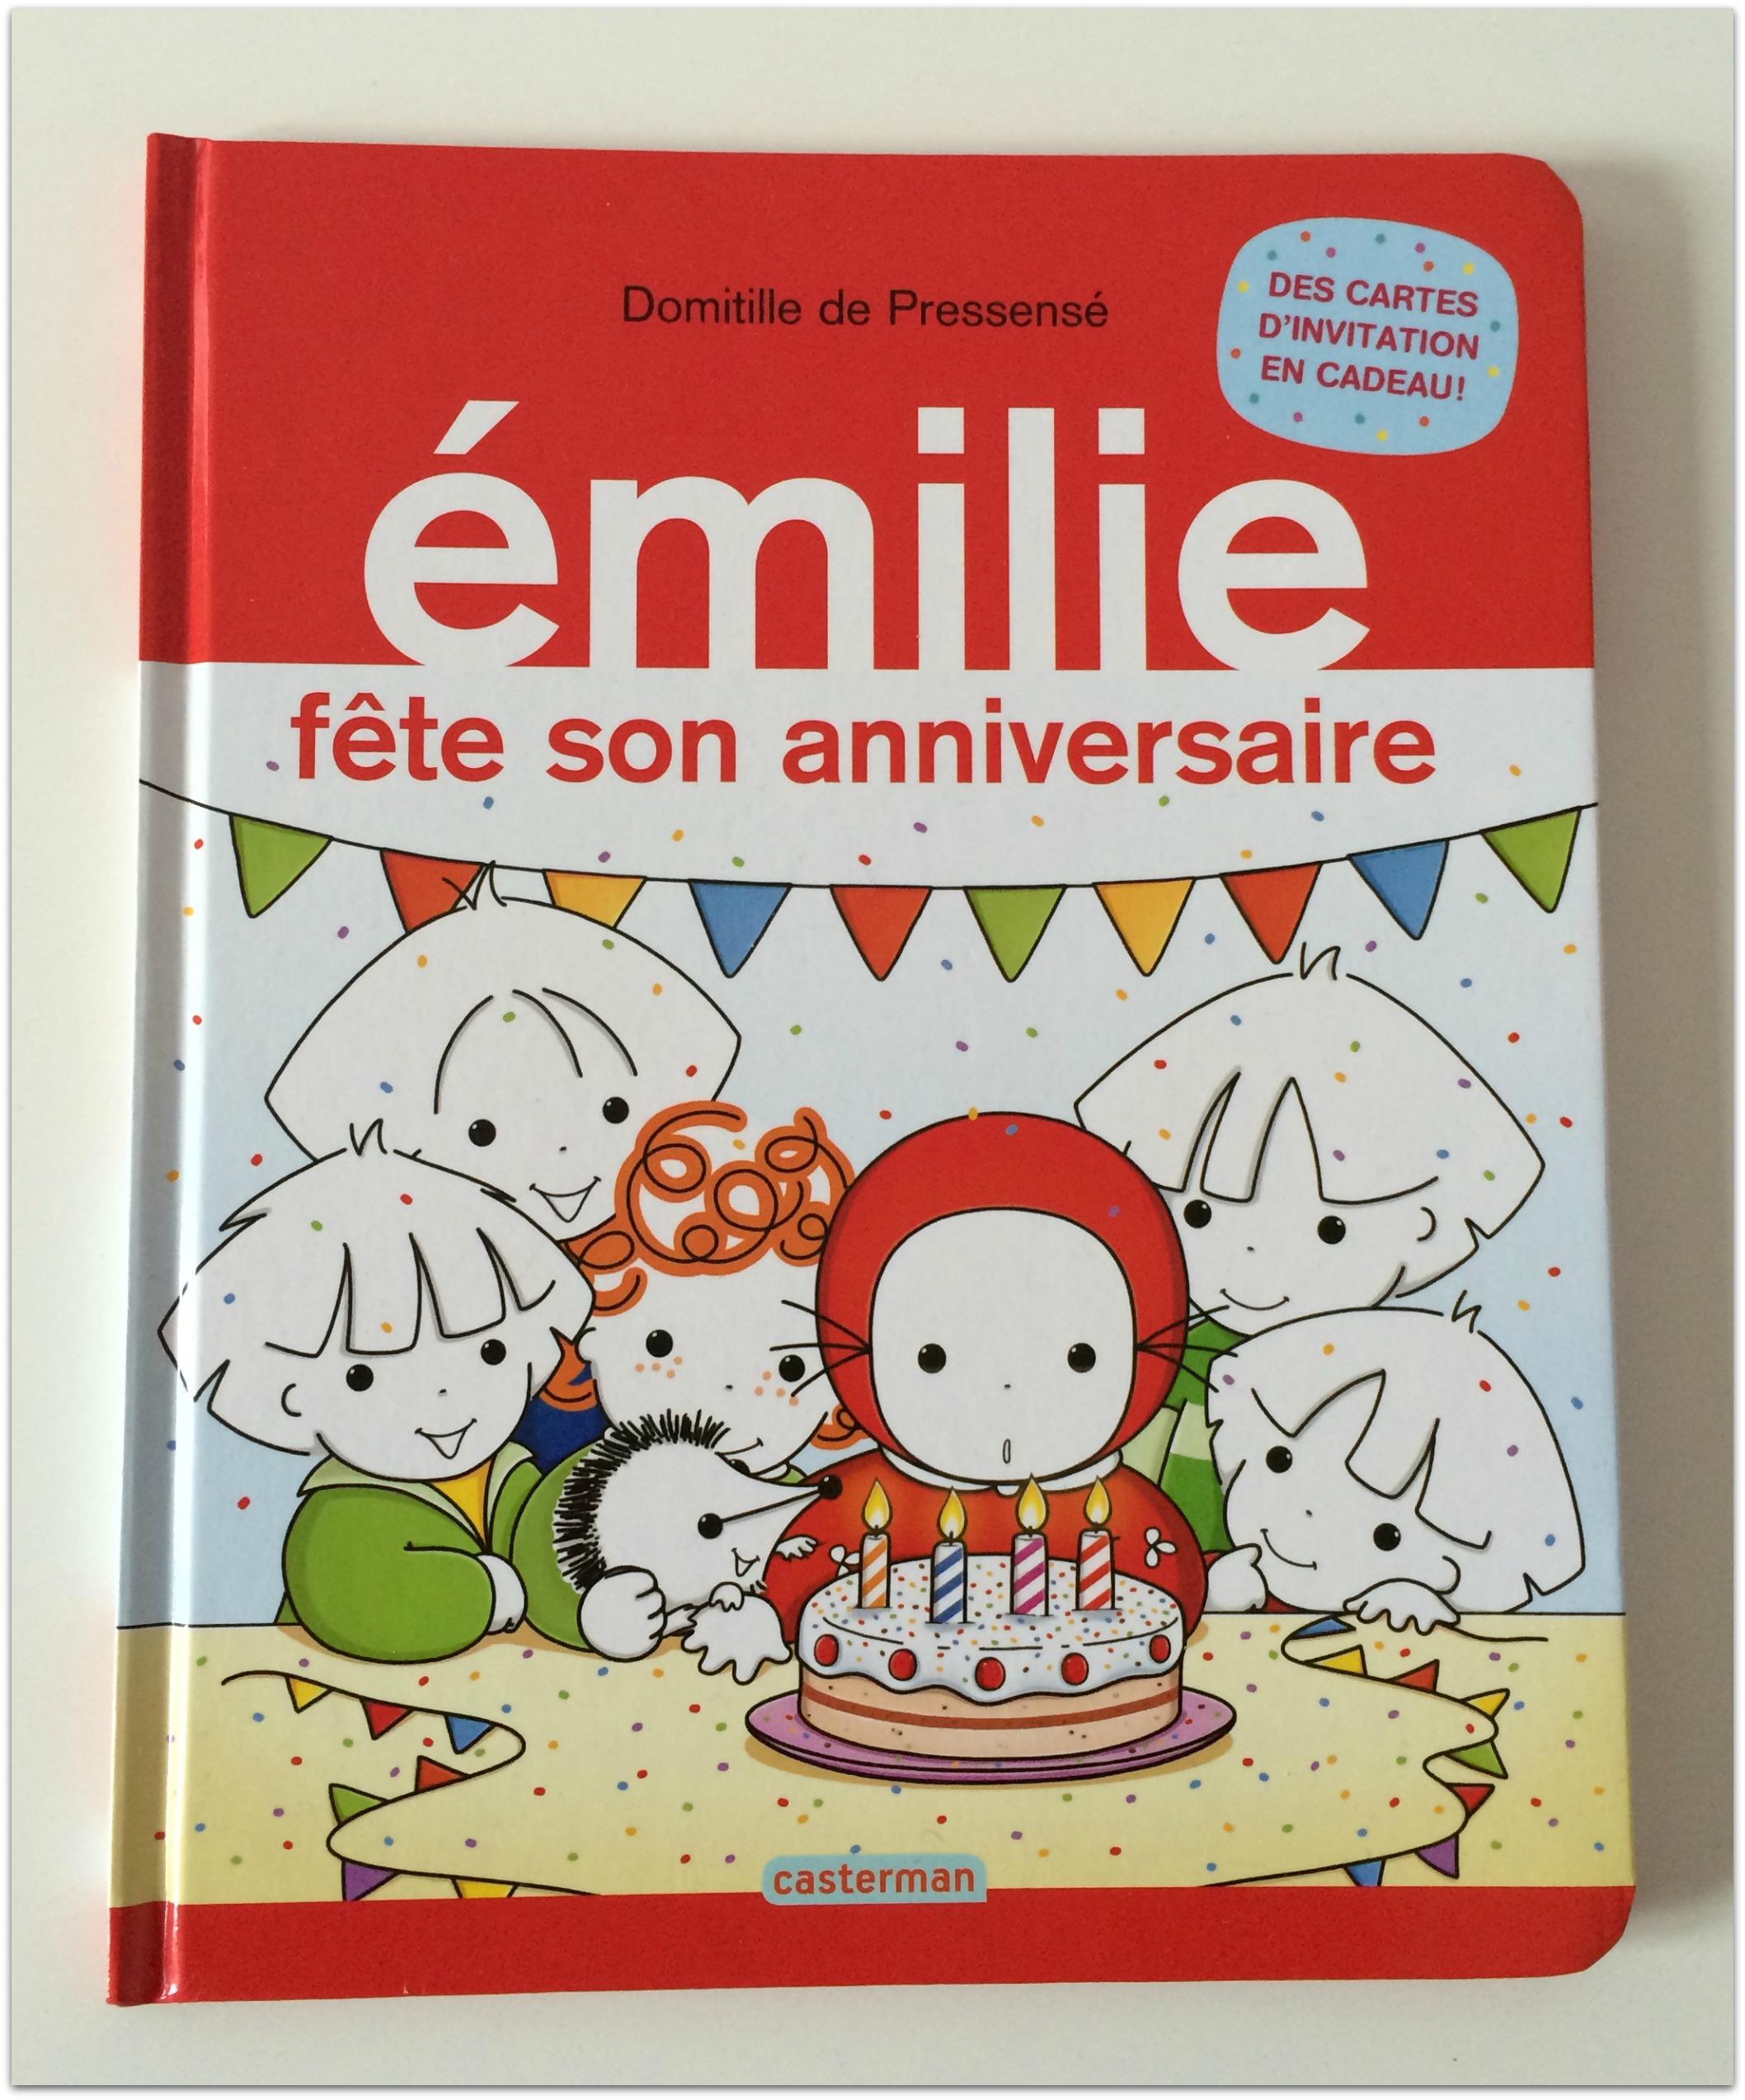 Emilie fête son anniversaire 2